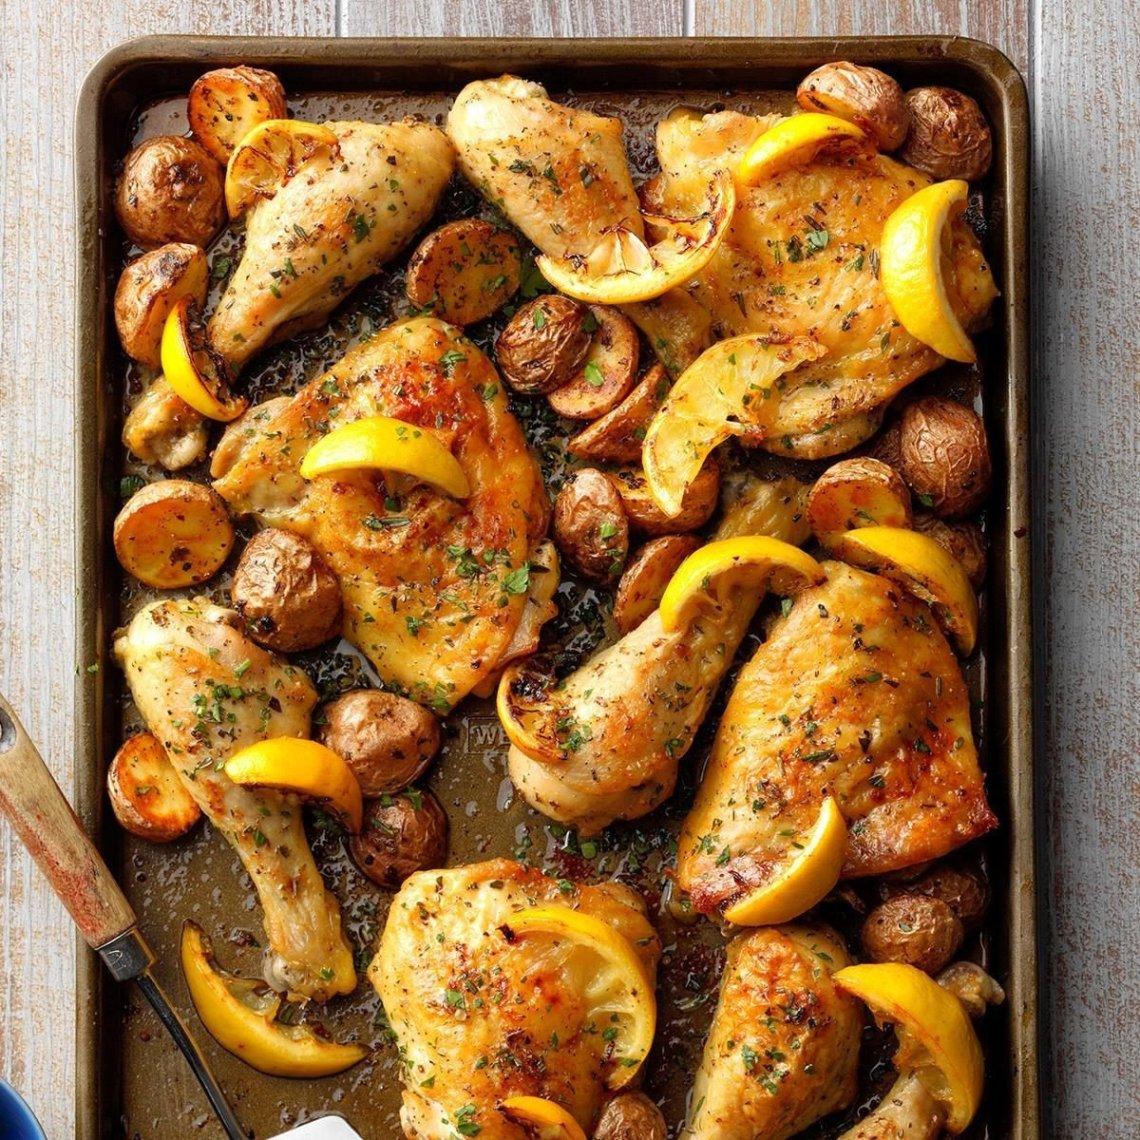 Sheet-Pan Lemon Garlic Chicken Recipe | Taste of Home